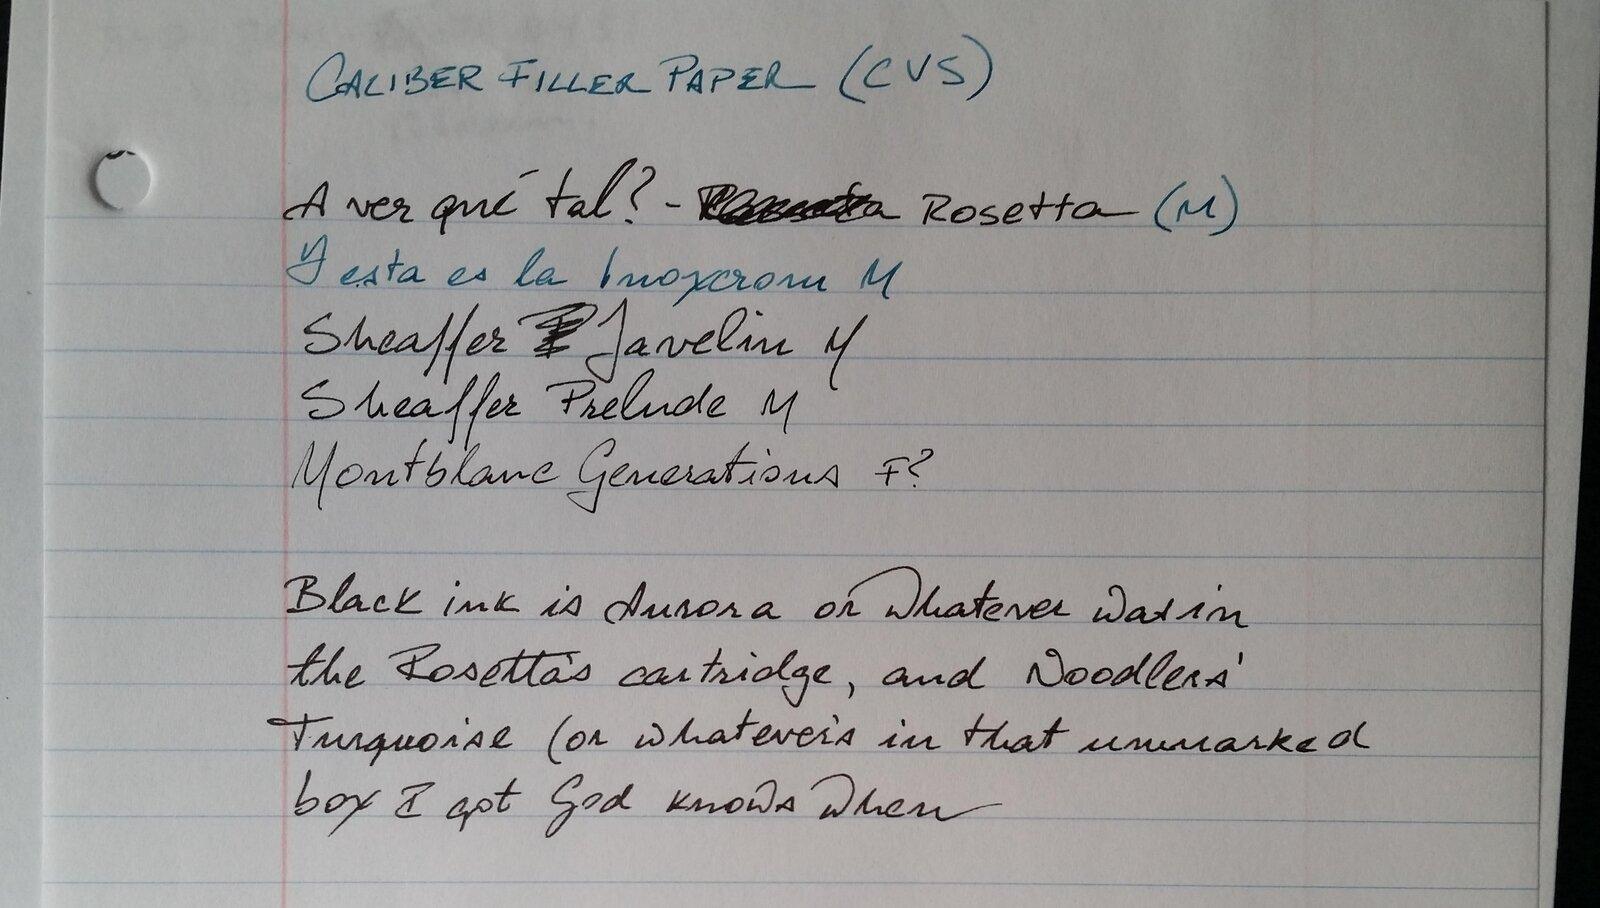 caliber filler paper (cvs).jpg